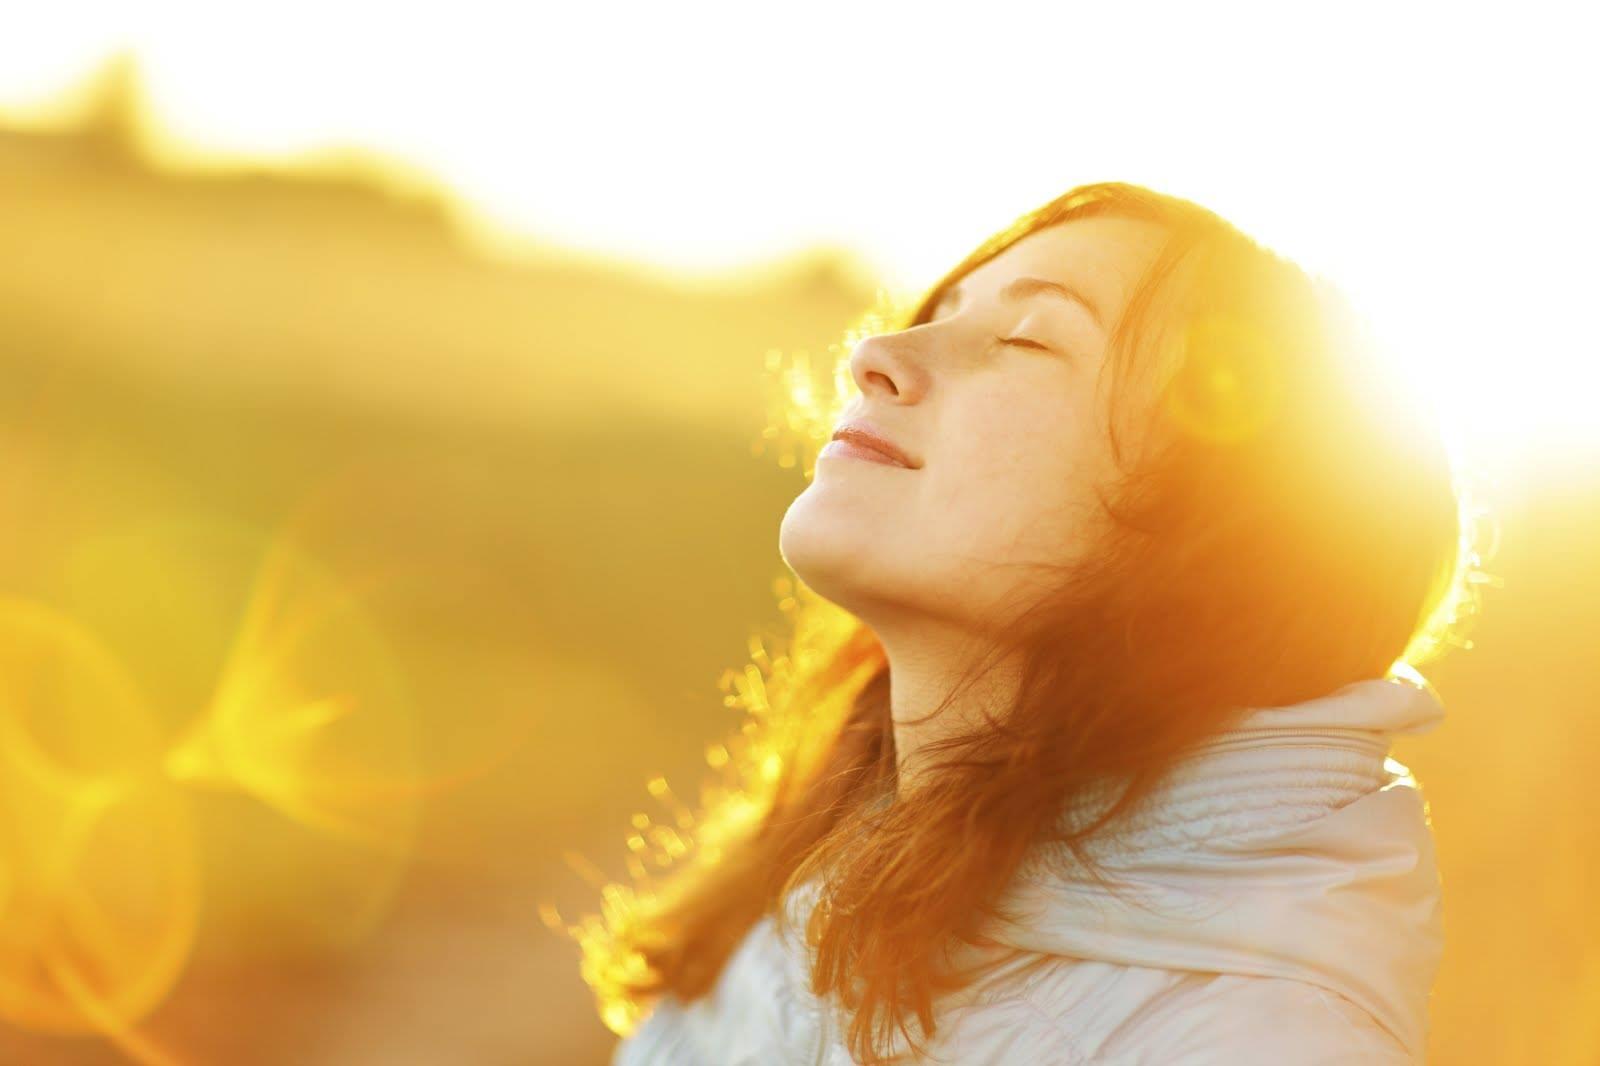 depression-sunlight-vitamin-d